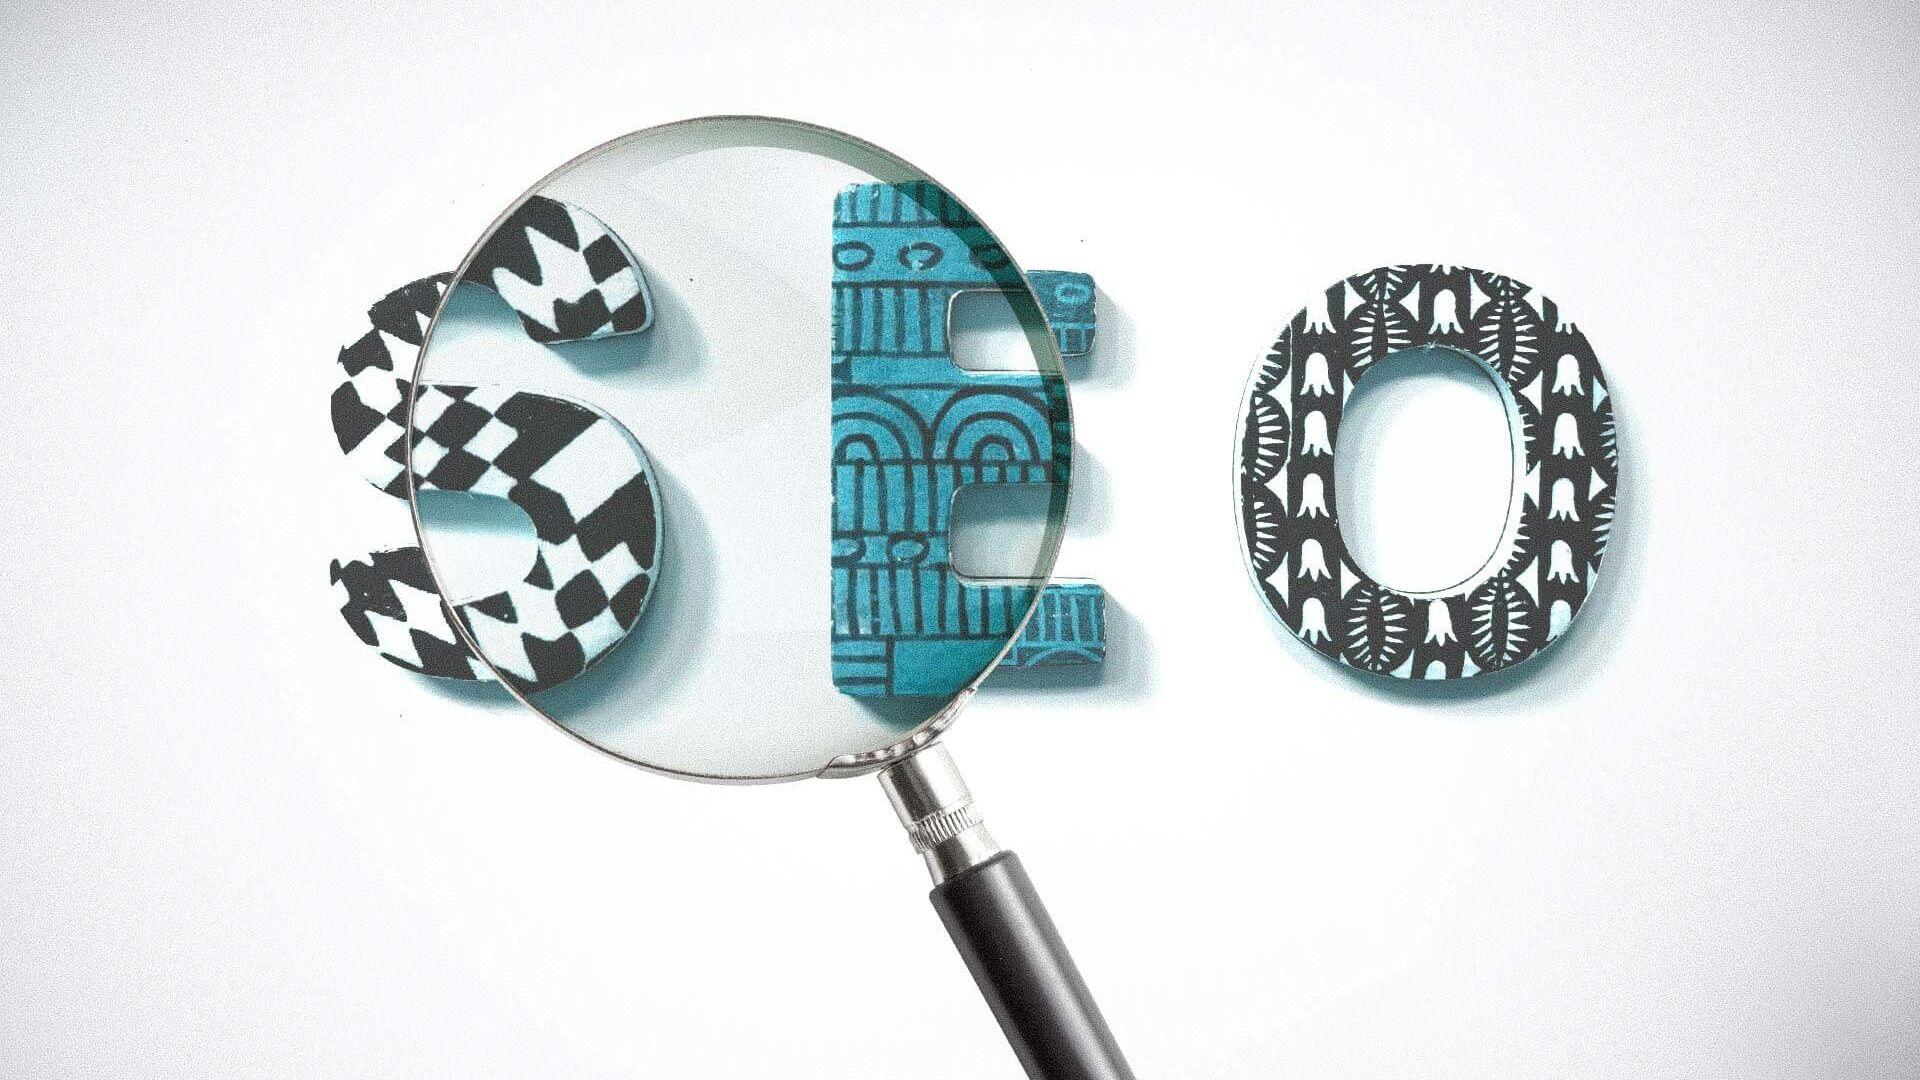 Gefunden – Wie eine SEO-Agentur für mehr Sichtbarkeit sorgt